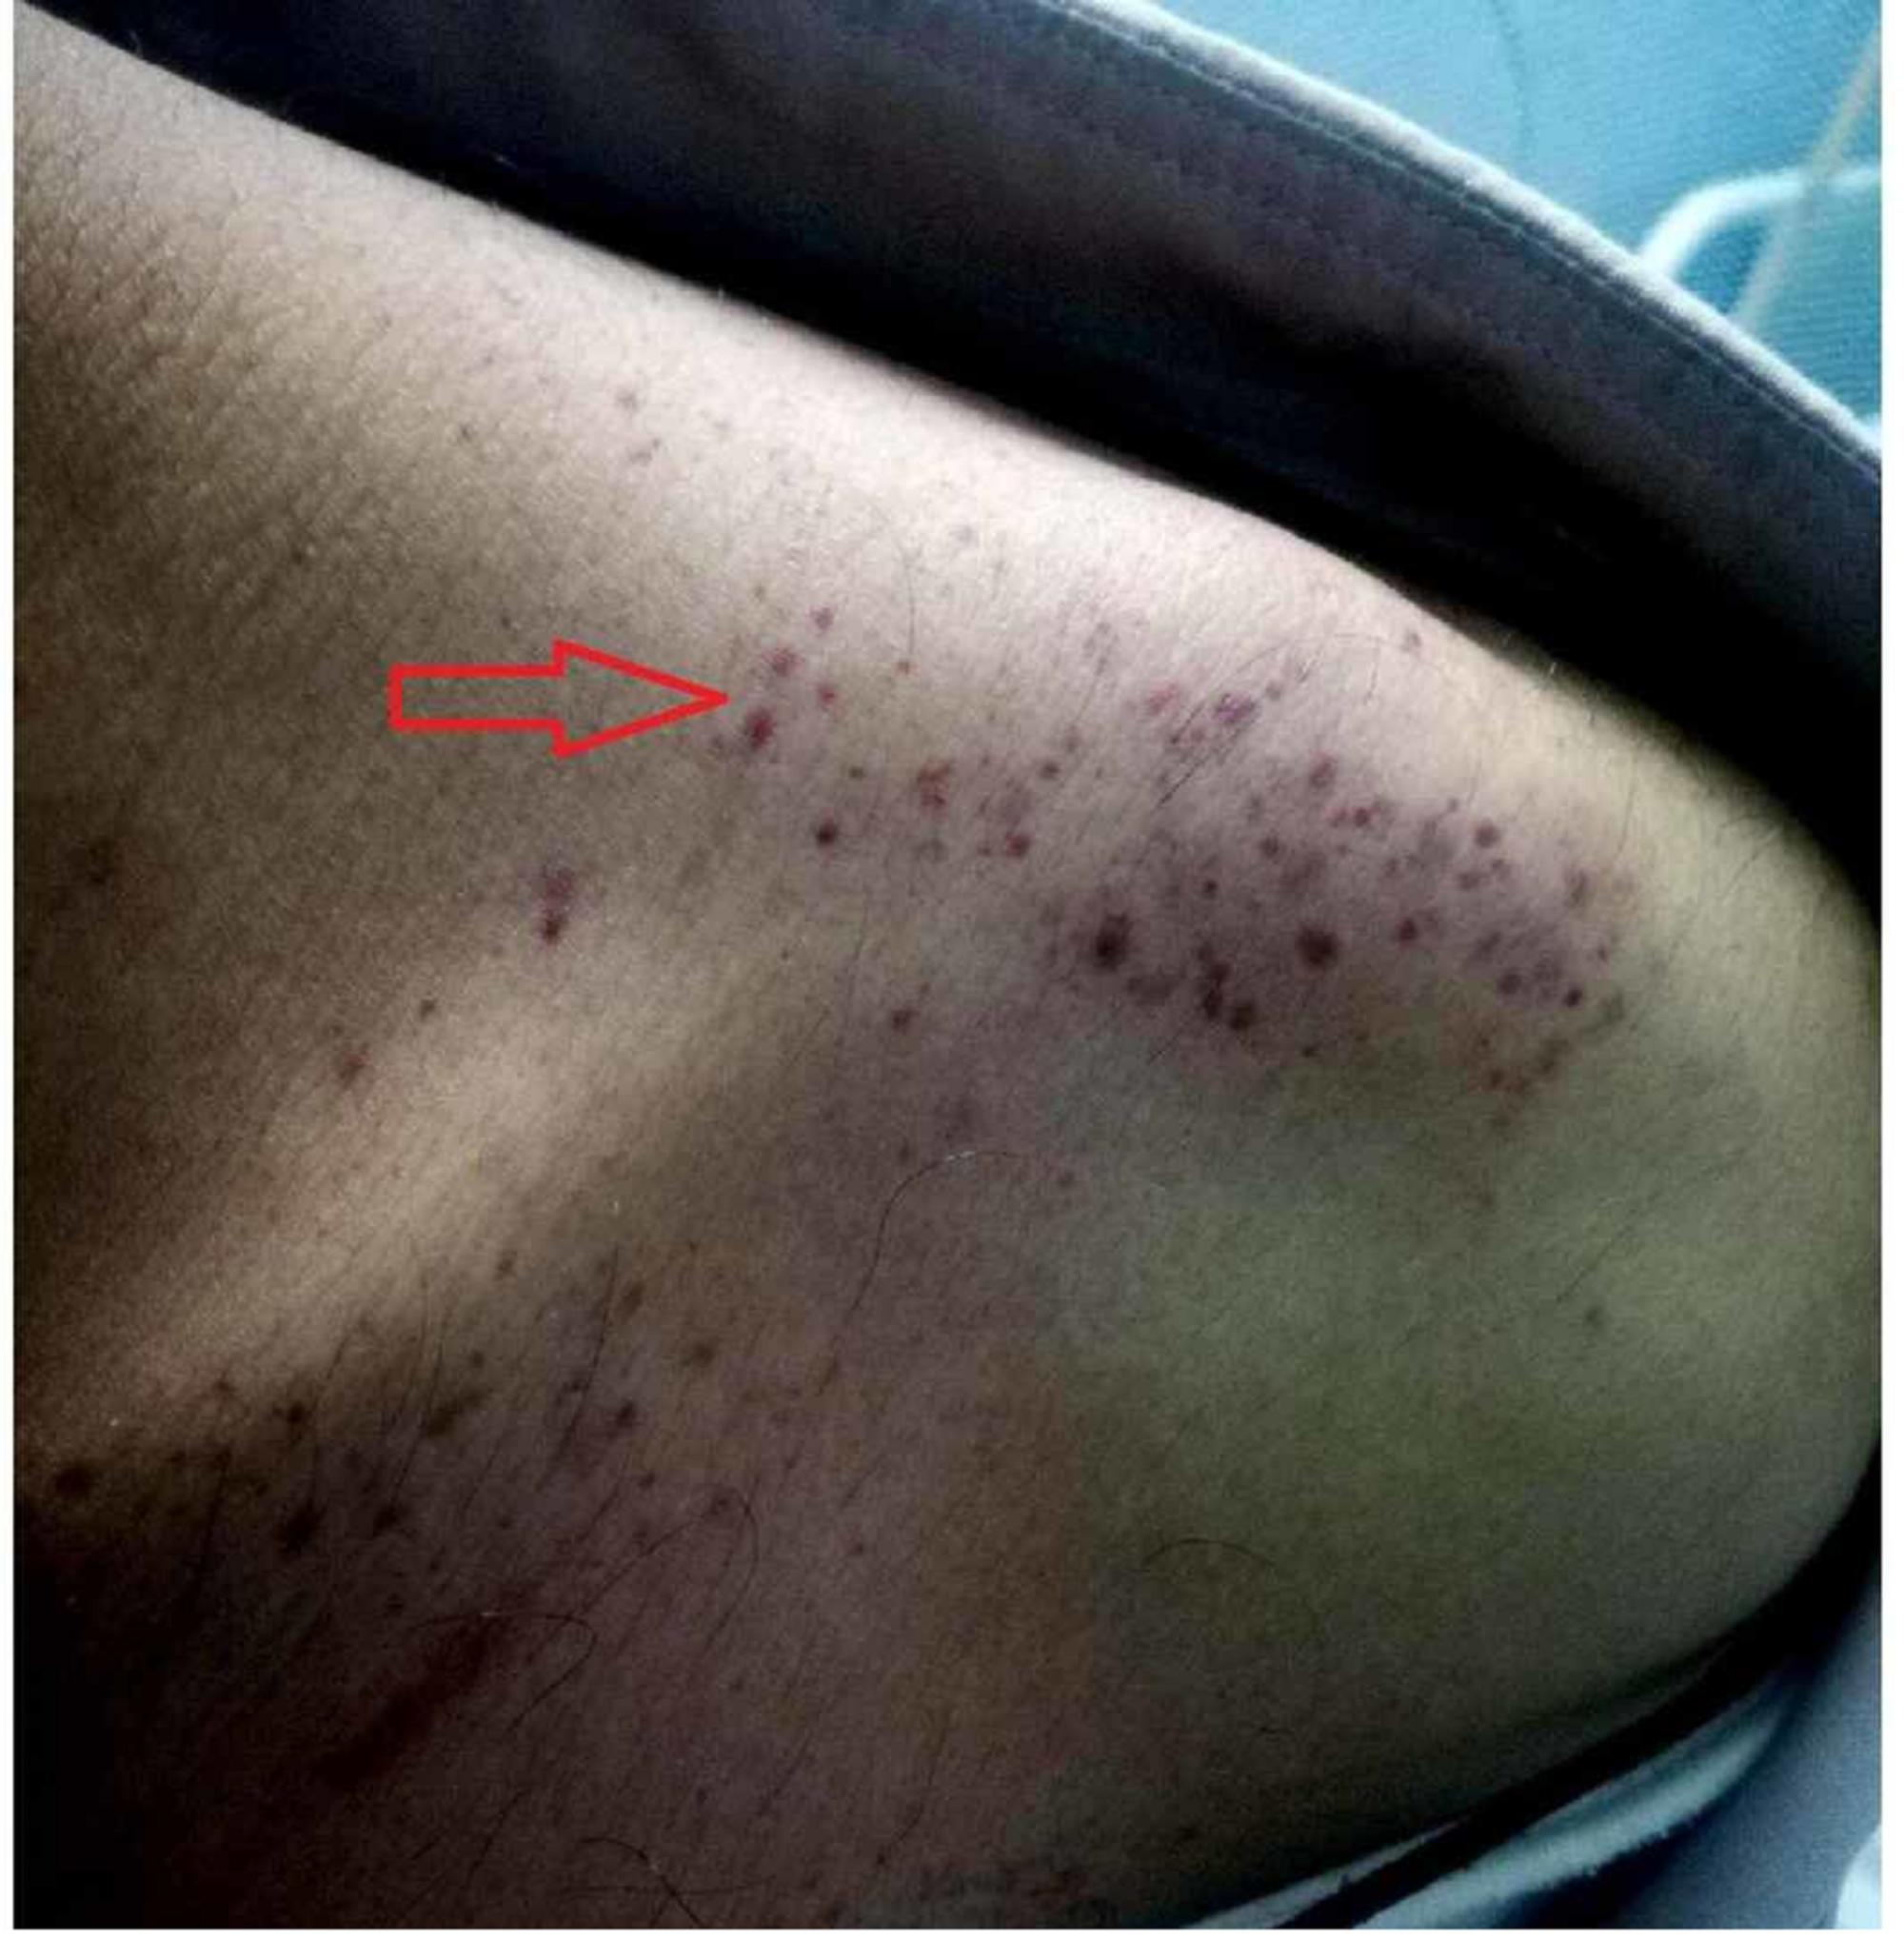 Multiple Purpura und Petechien auf der linken Schulter eines Dengue-Fieber-Patienten